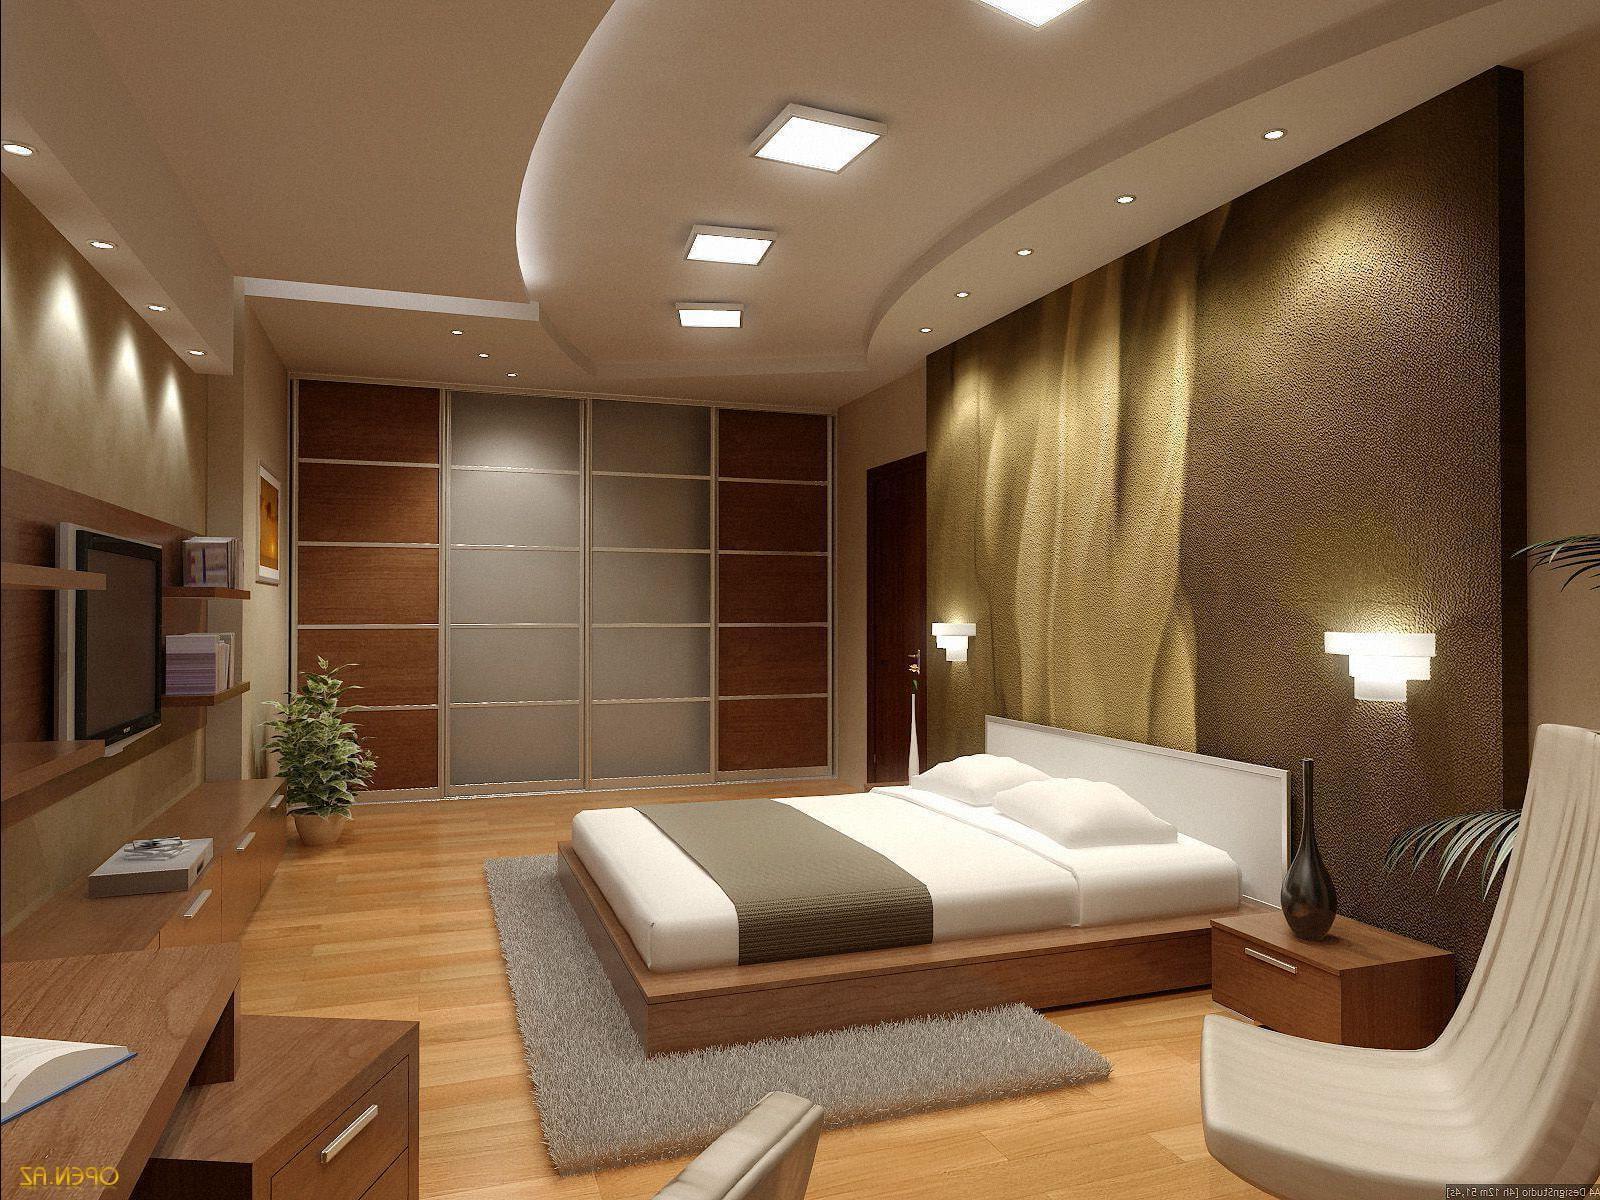 Потолки дизайн потолков в квартире